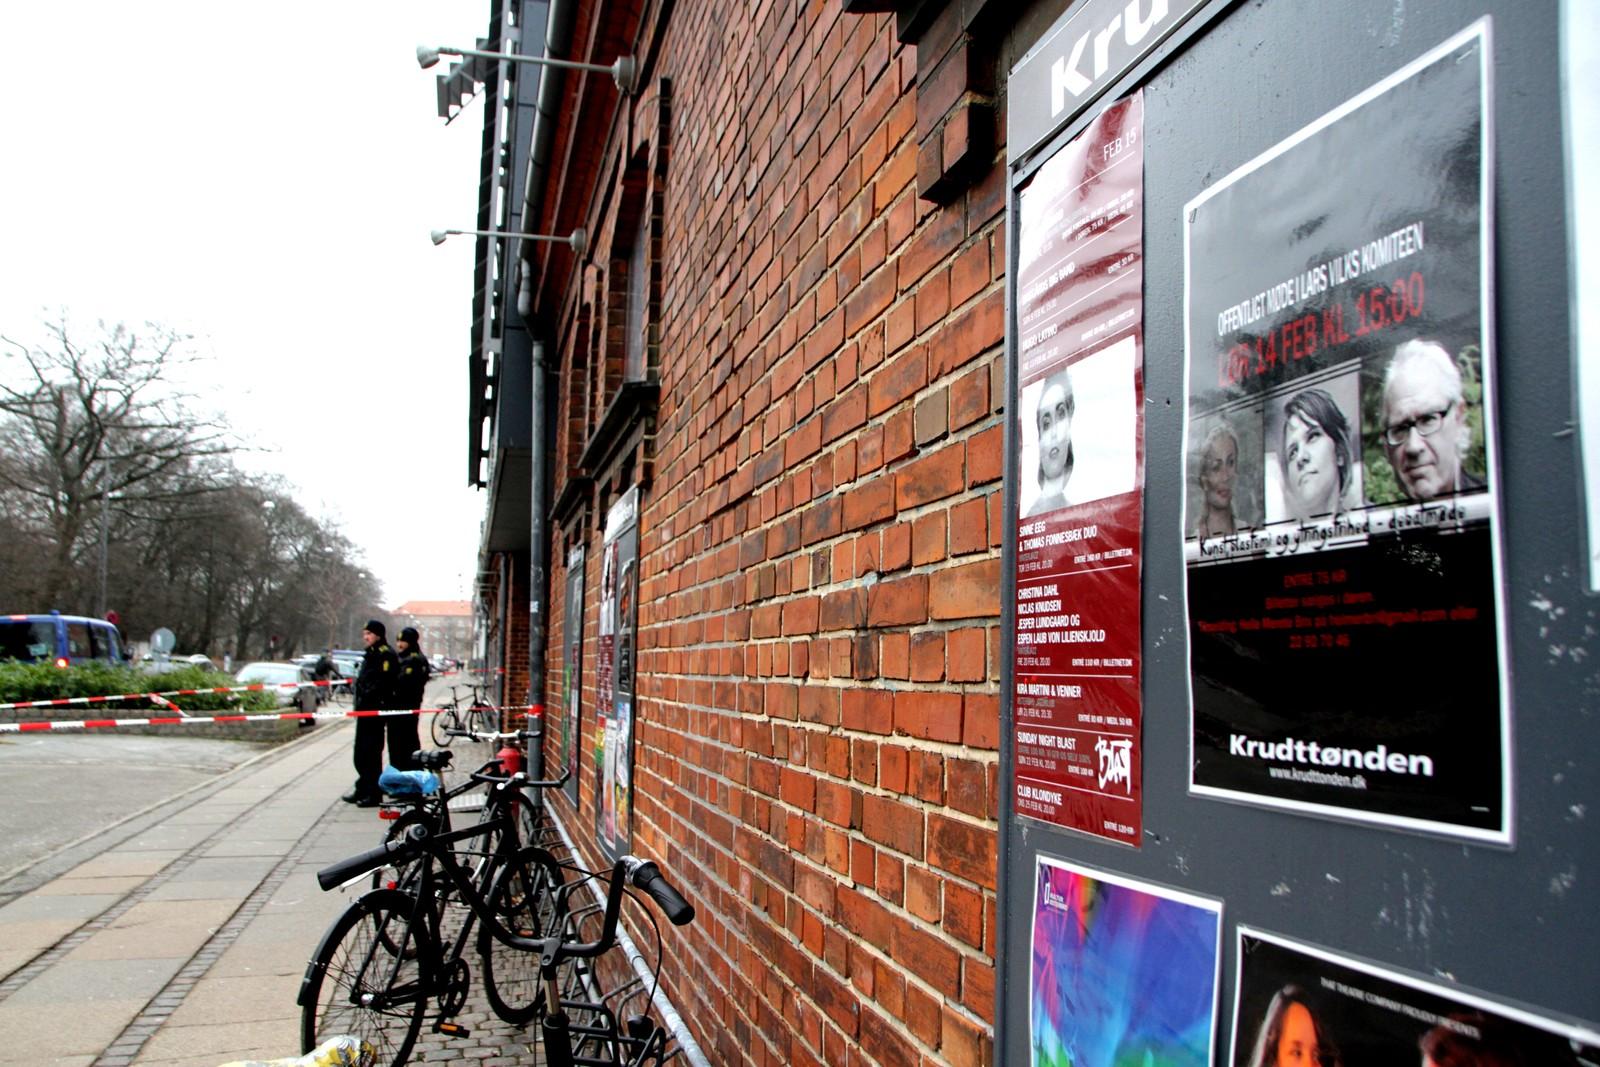 Kunstner og Muhammed-tegner Lars Vilks varen av deltagerne på et debattmøte med tittelen «Kunst, Blasfemi og Ytringsfrihed» i kulturhuset «Krudttønden» på Østerbro i København.